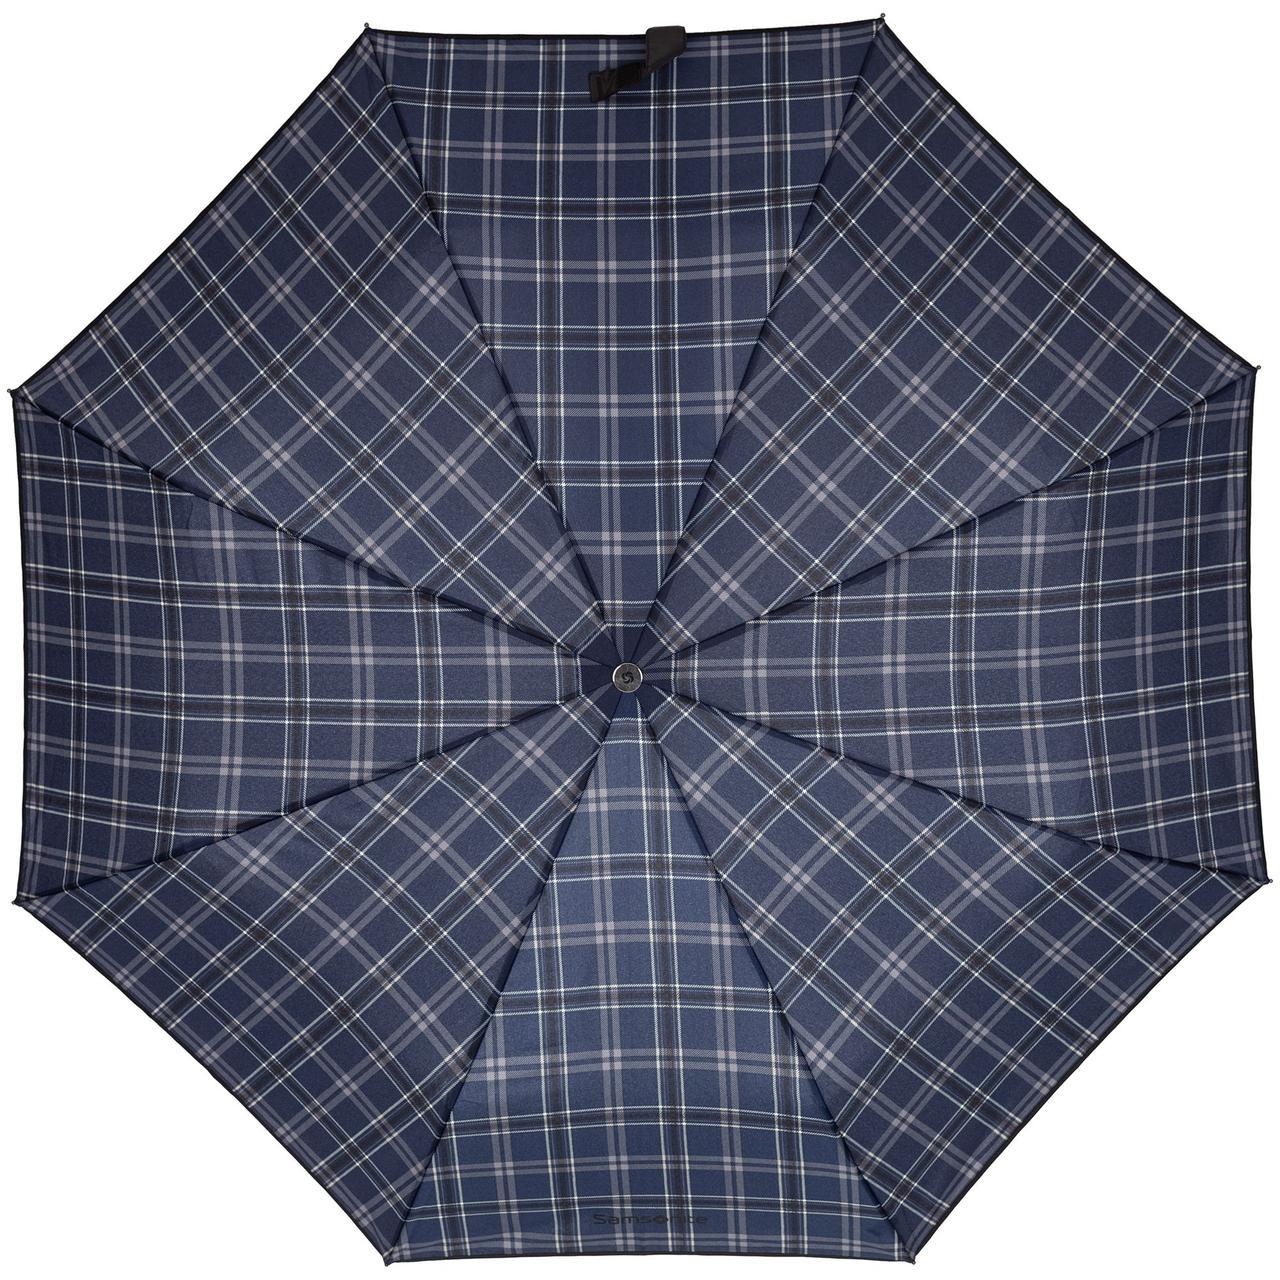 Складной зонт Wood Classic S, синий в клетку